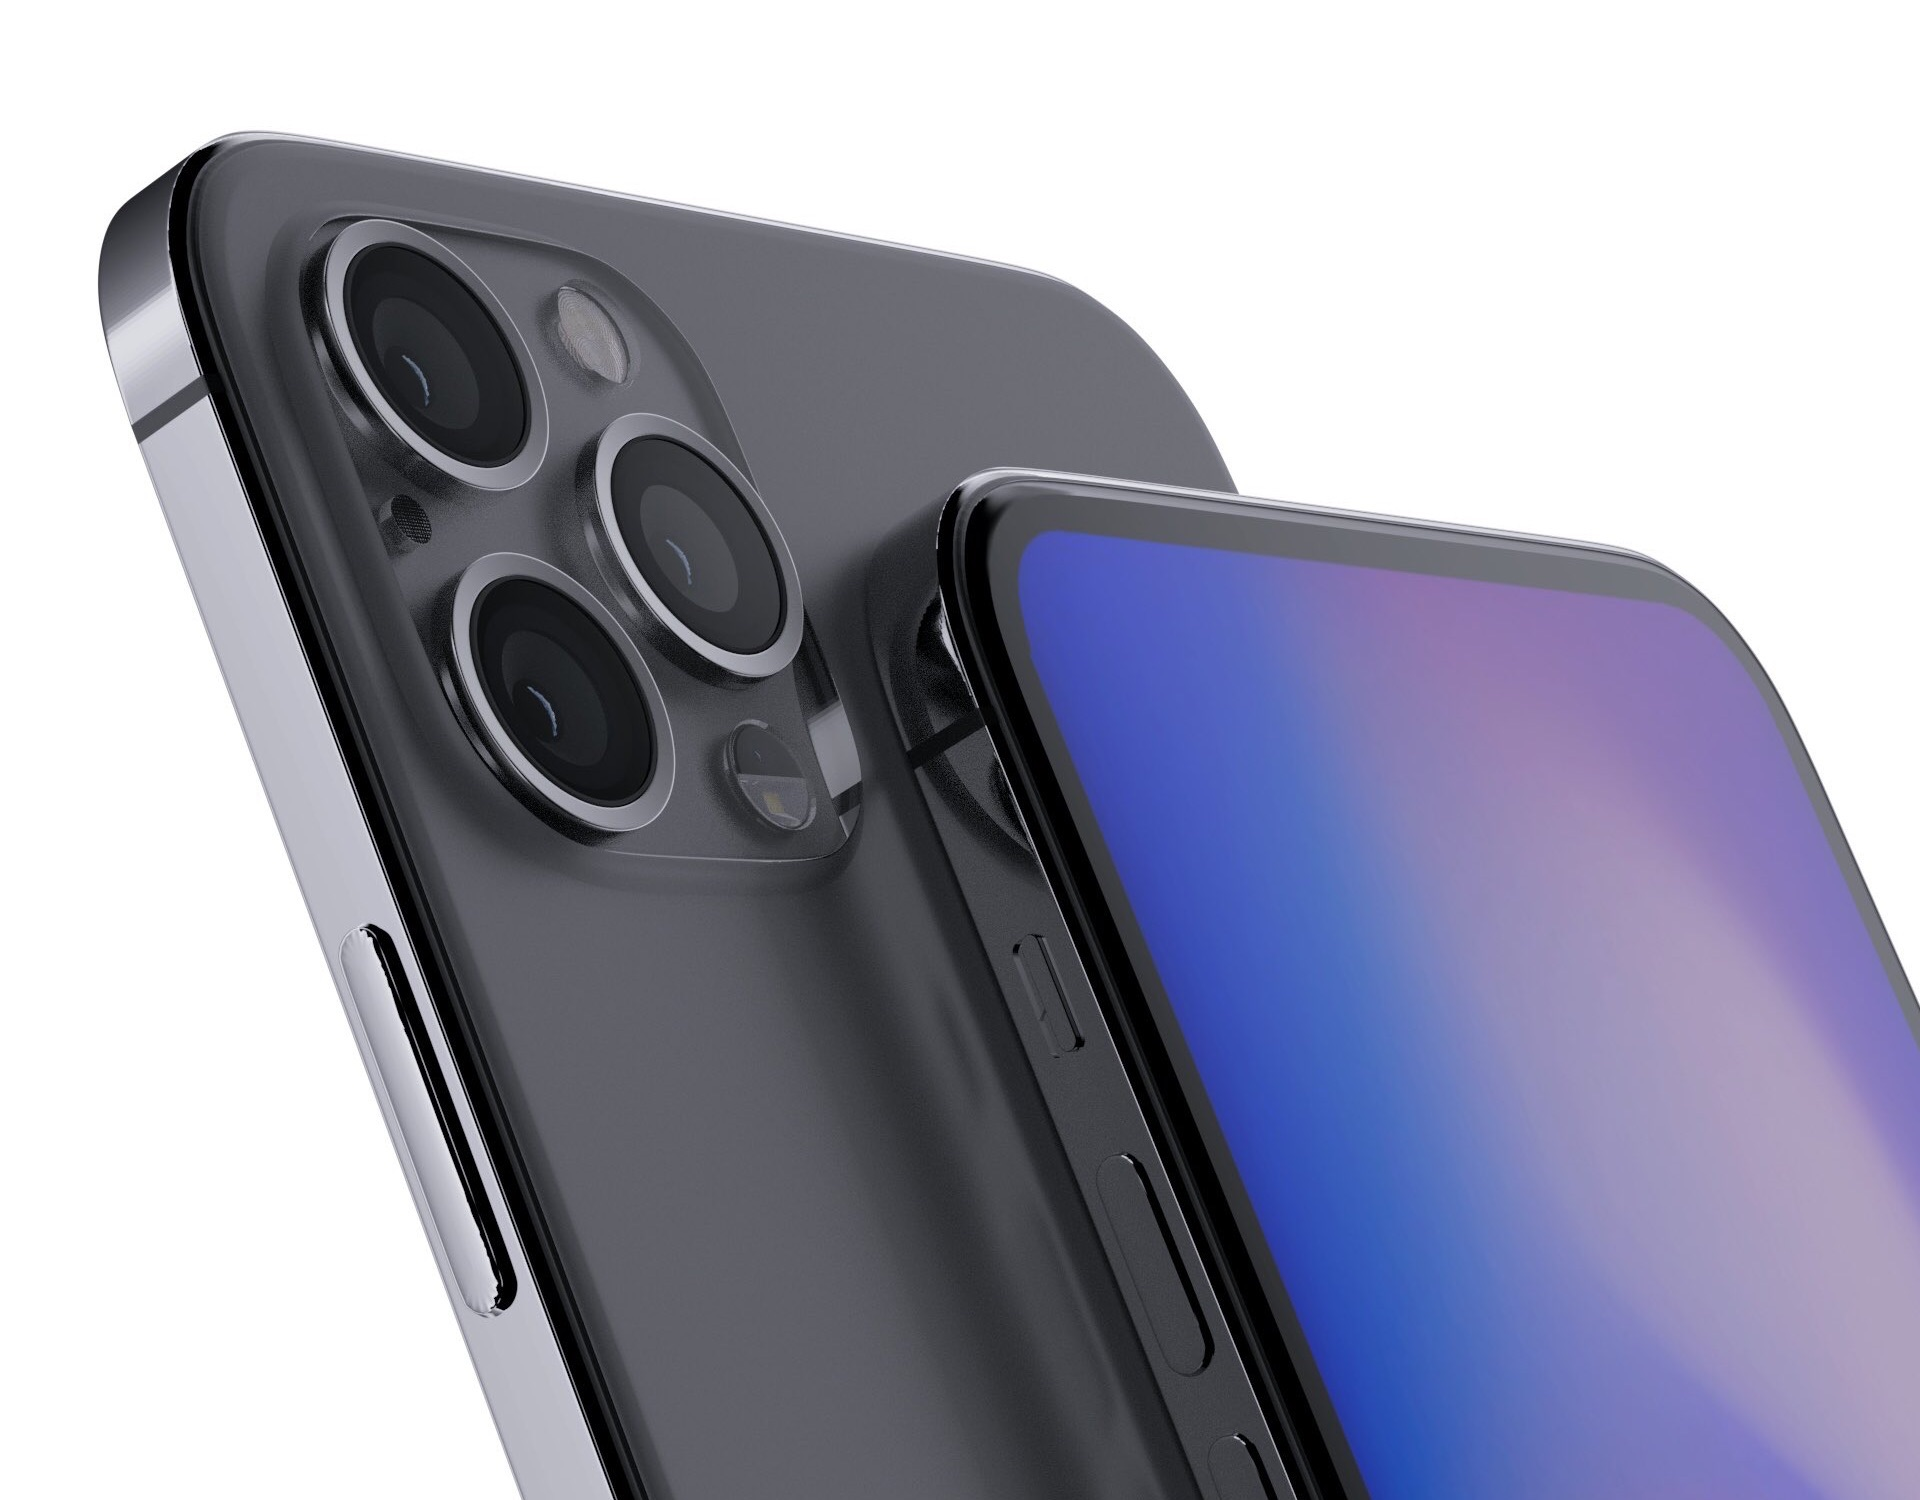 iPhone 2020 design renders in zwart.